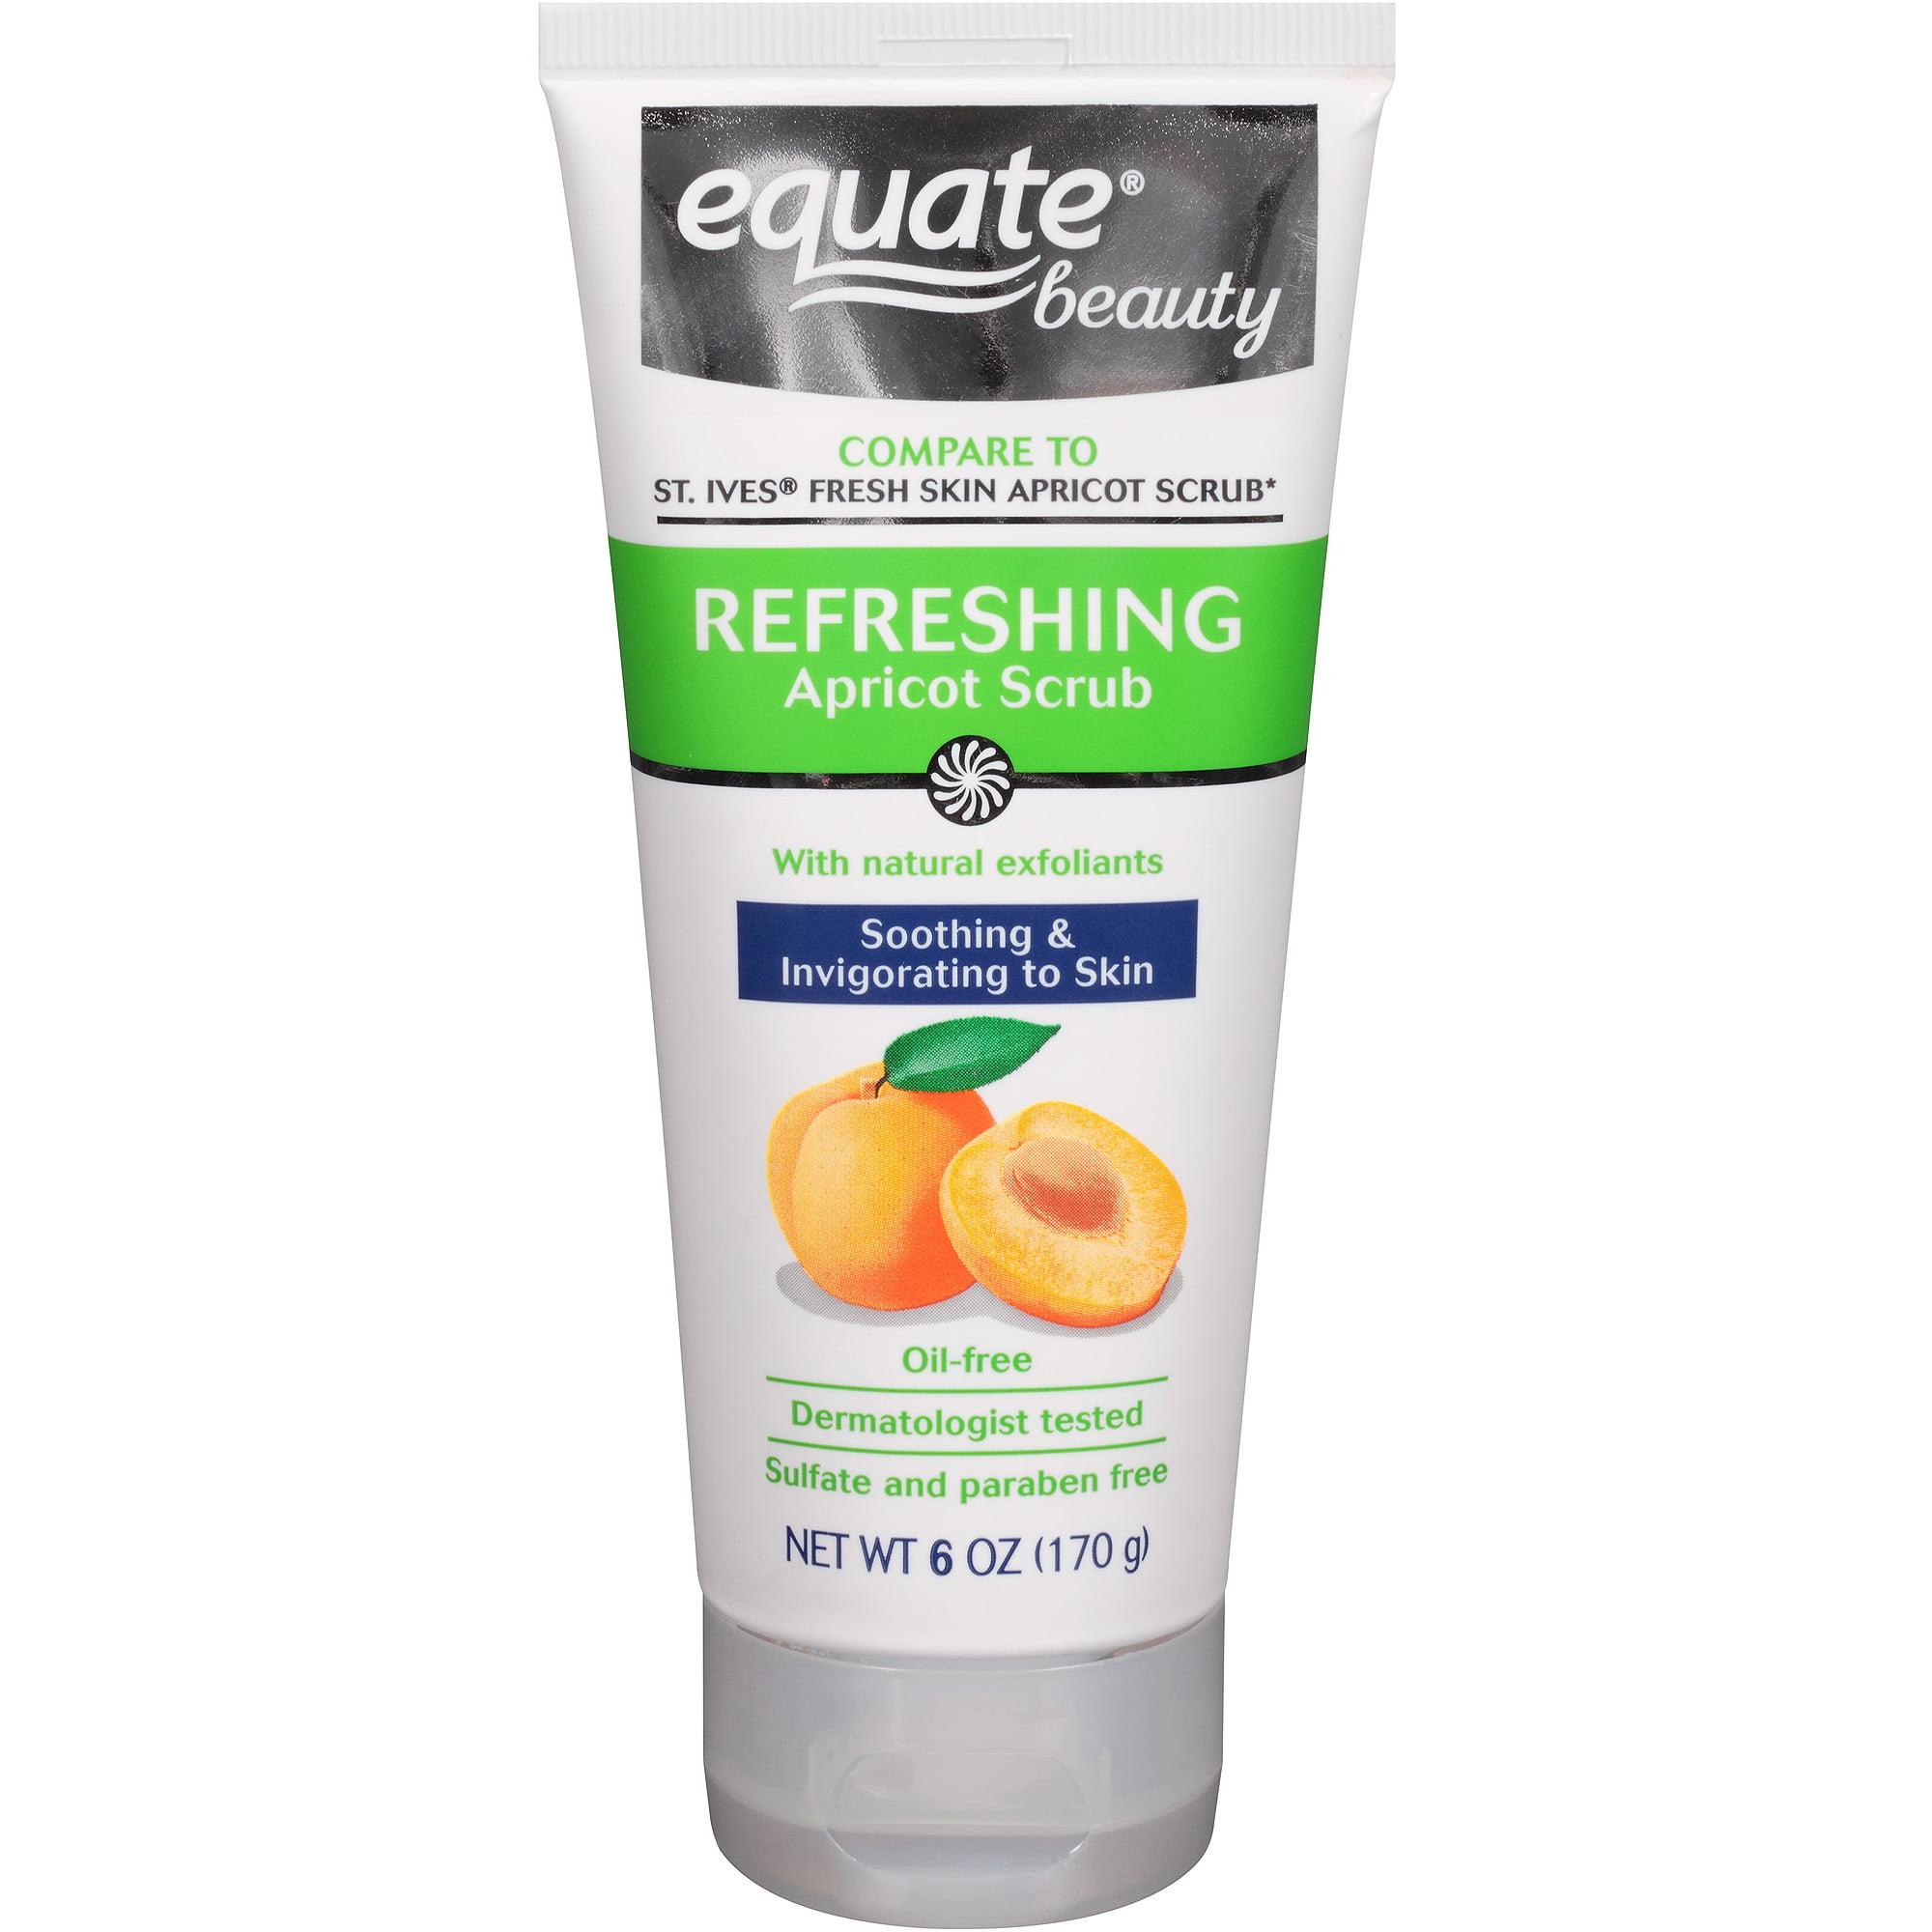 Equate Beauty Refreshing Apricot Scrub, 6 oz